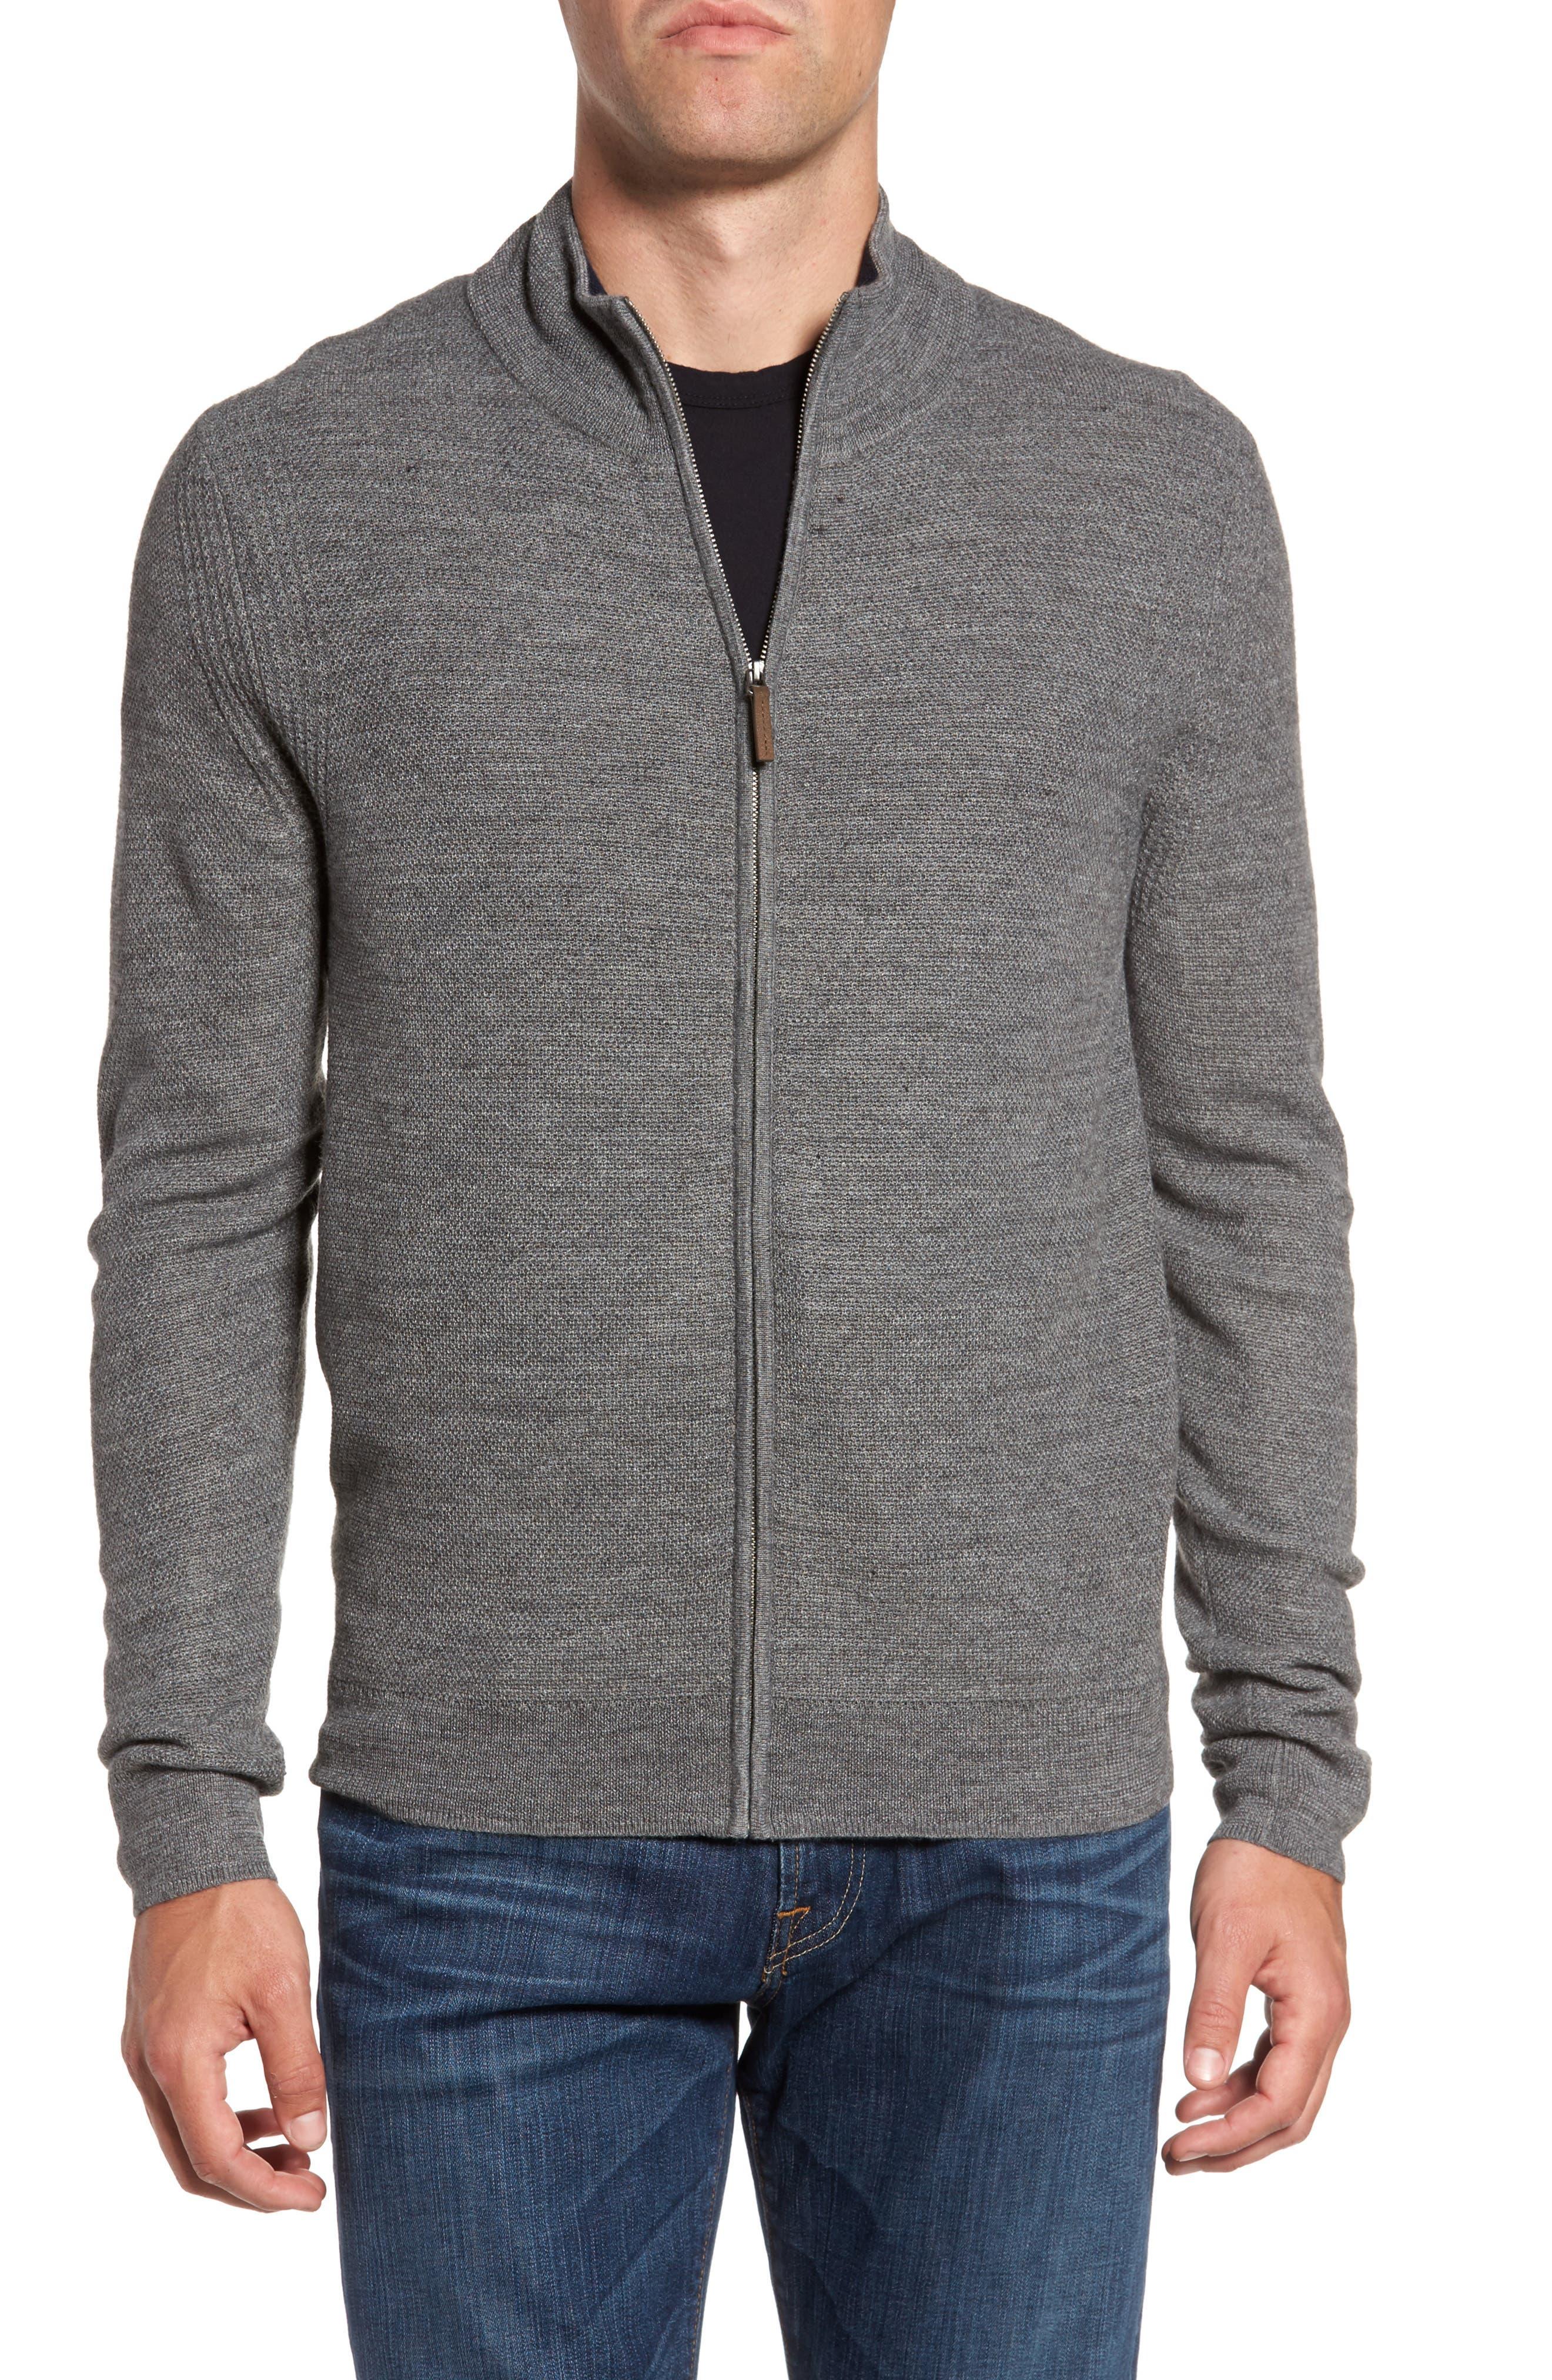 Alternate Image 1 Selected - Nordstrom Men's Shop Honeycomb Zip Front Cardigan